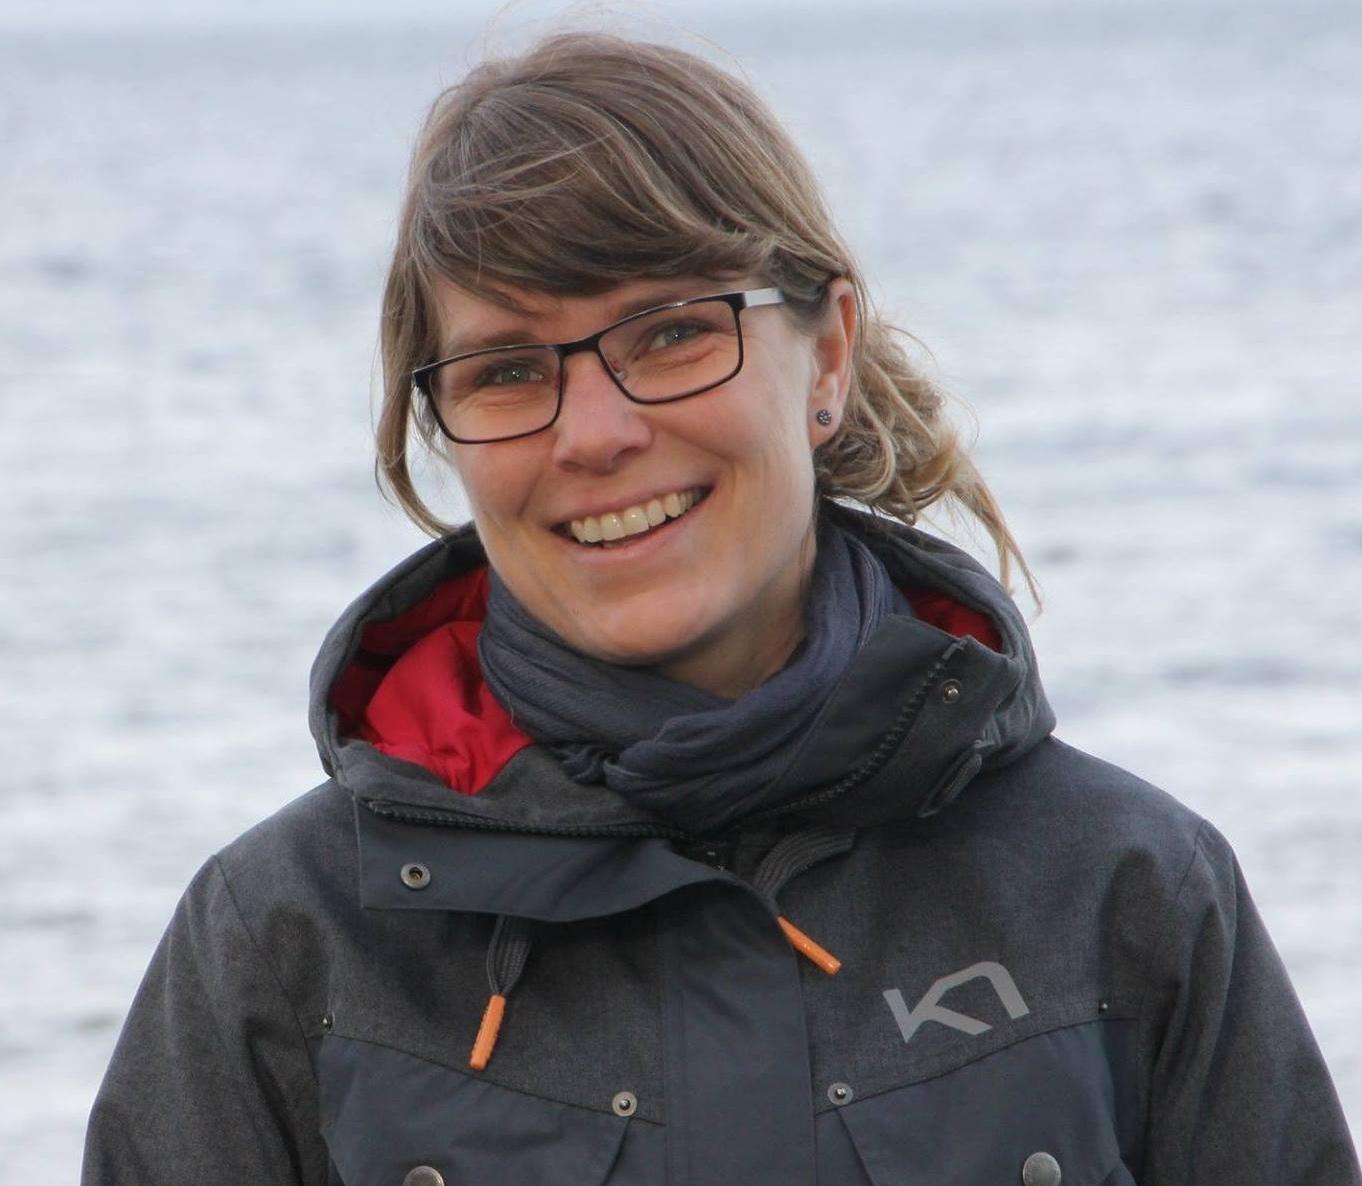 Nanna Schulz Hansen - Ansat ved SømandsmissionenTidligere bestyrer på Sømandshjemmet i SisimiutMedlem af GrønlandsudvalgetBosat i KoldingMail: nsh@somandsmissionen.dk